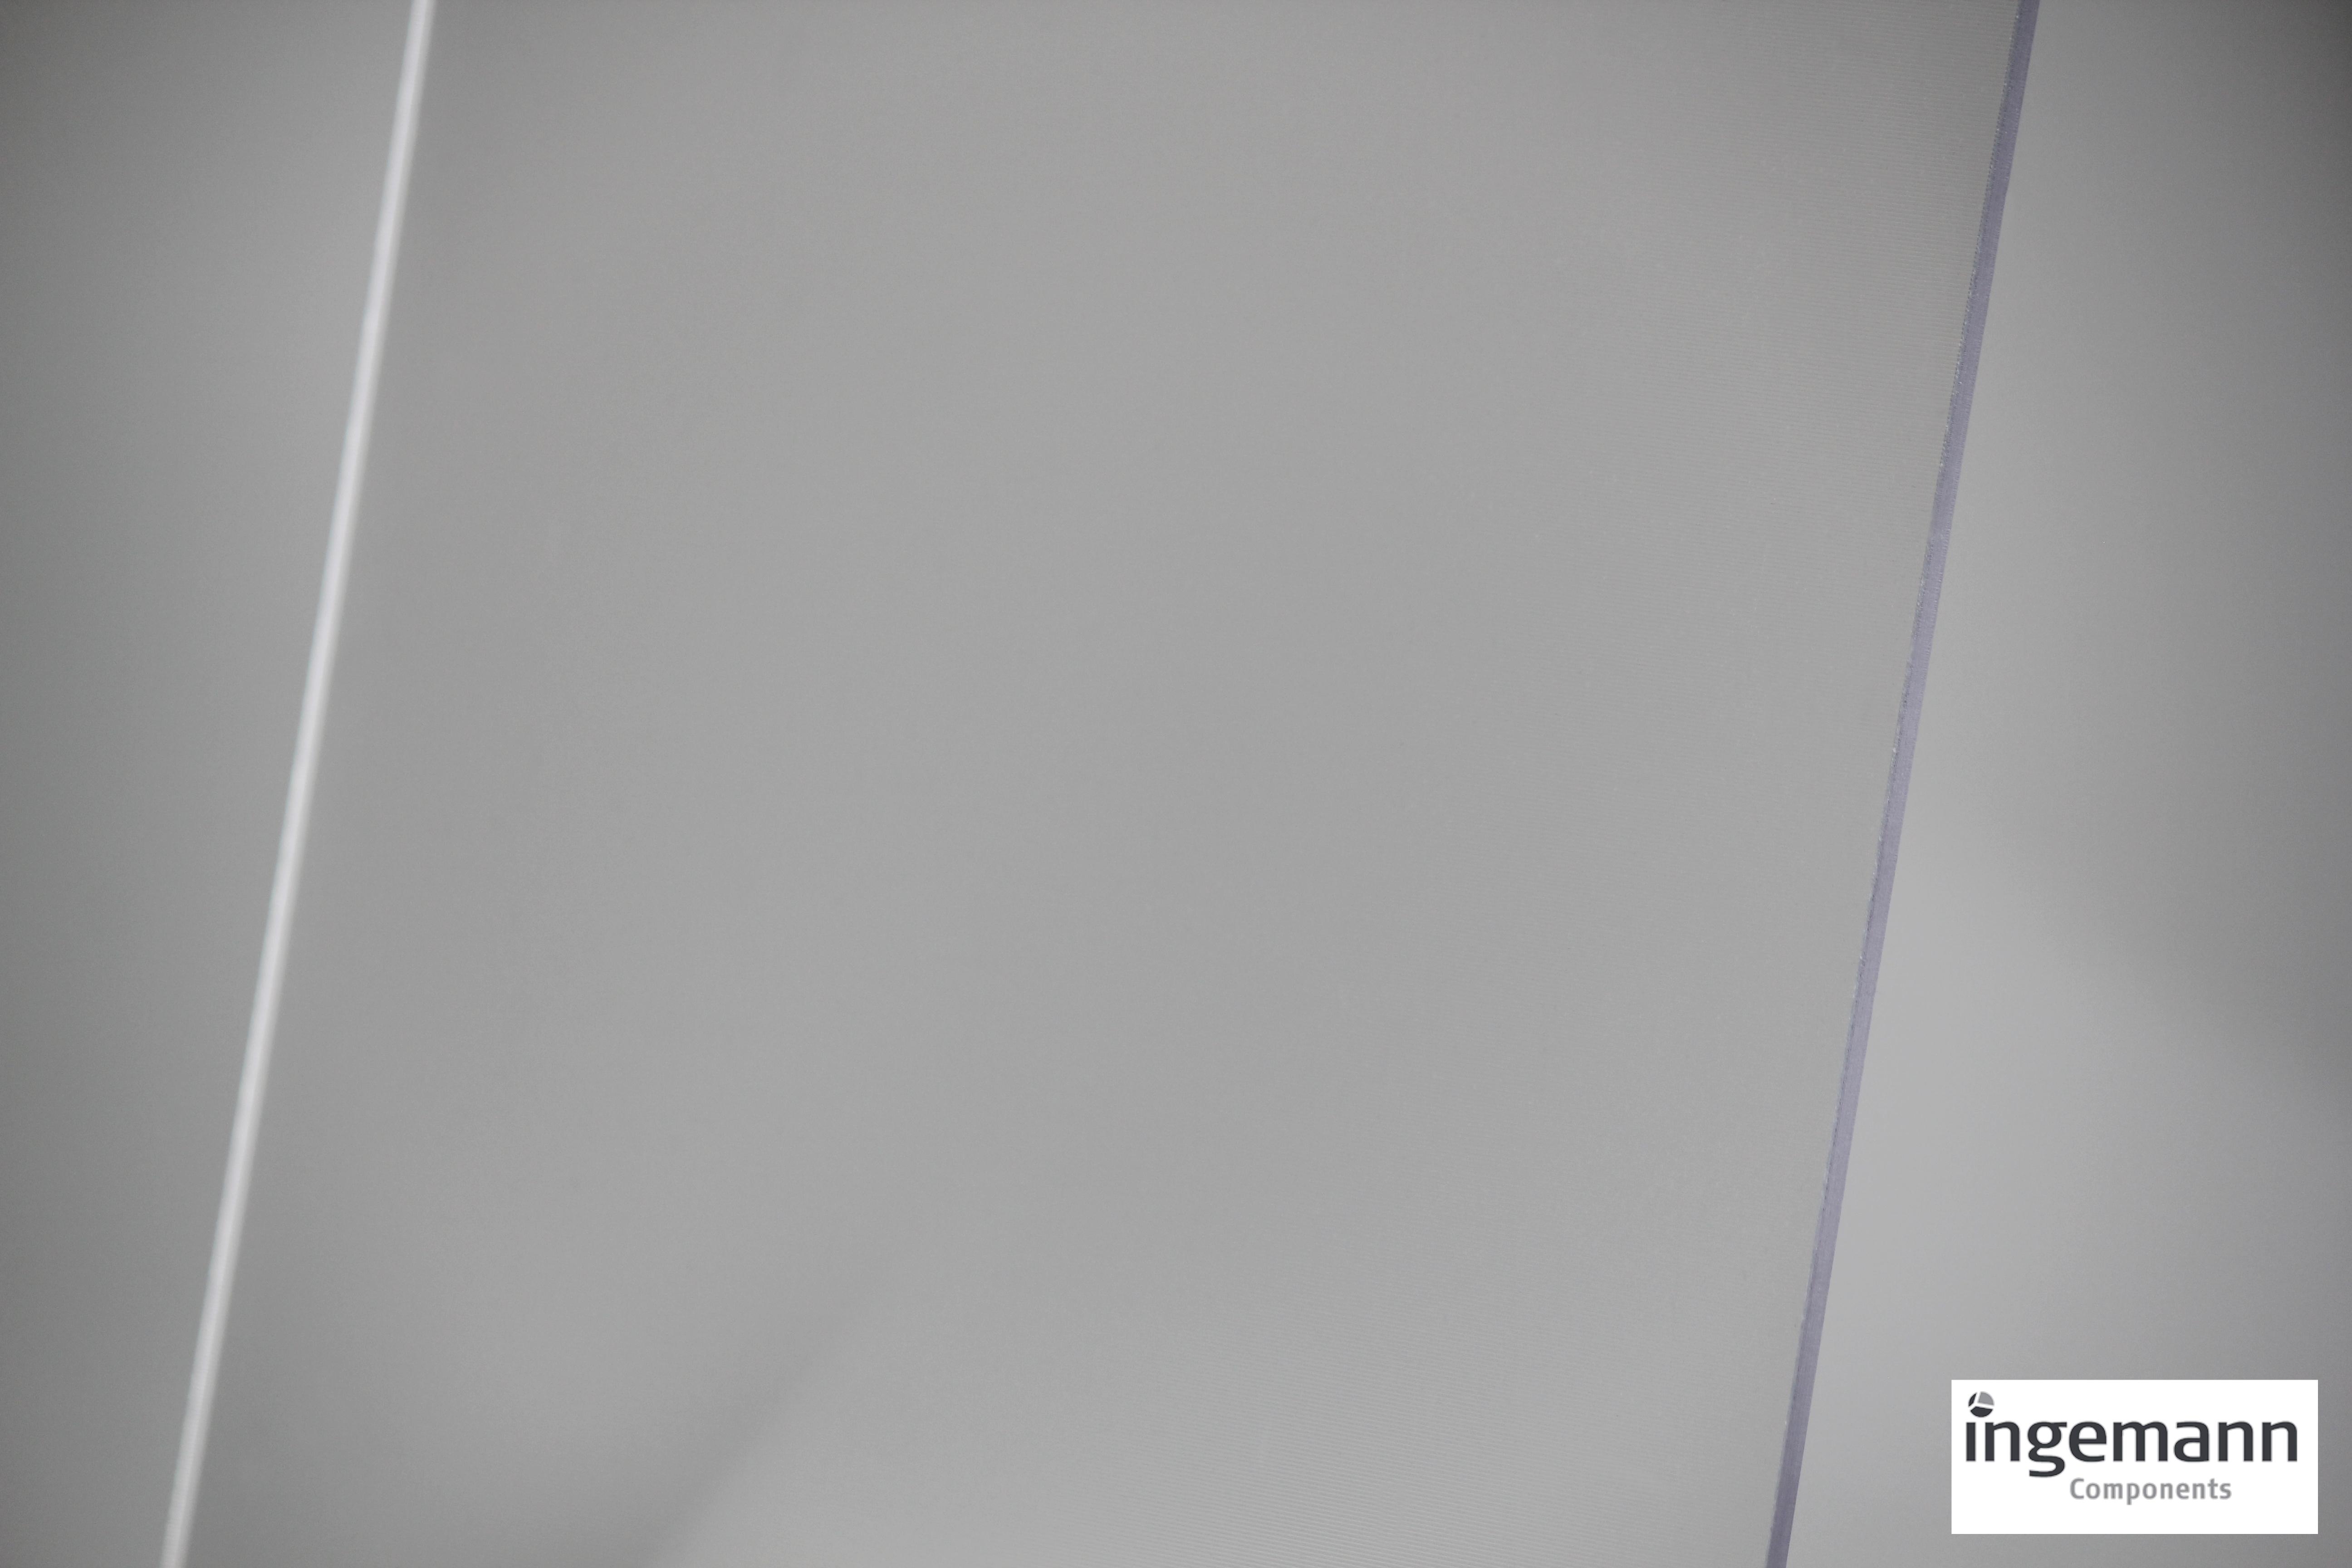 Duriflex HT - Ingemann Components